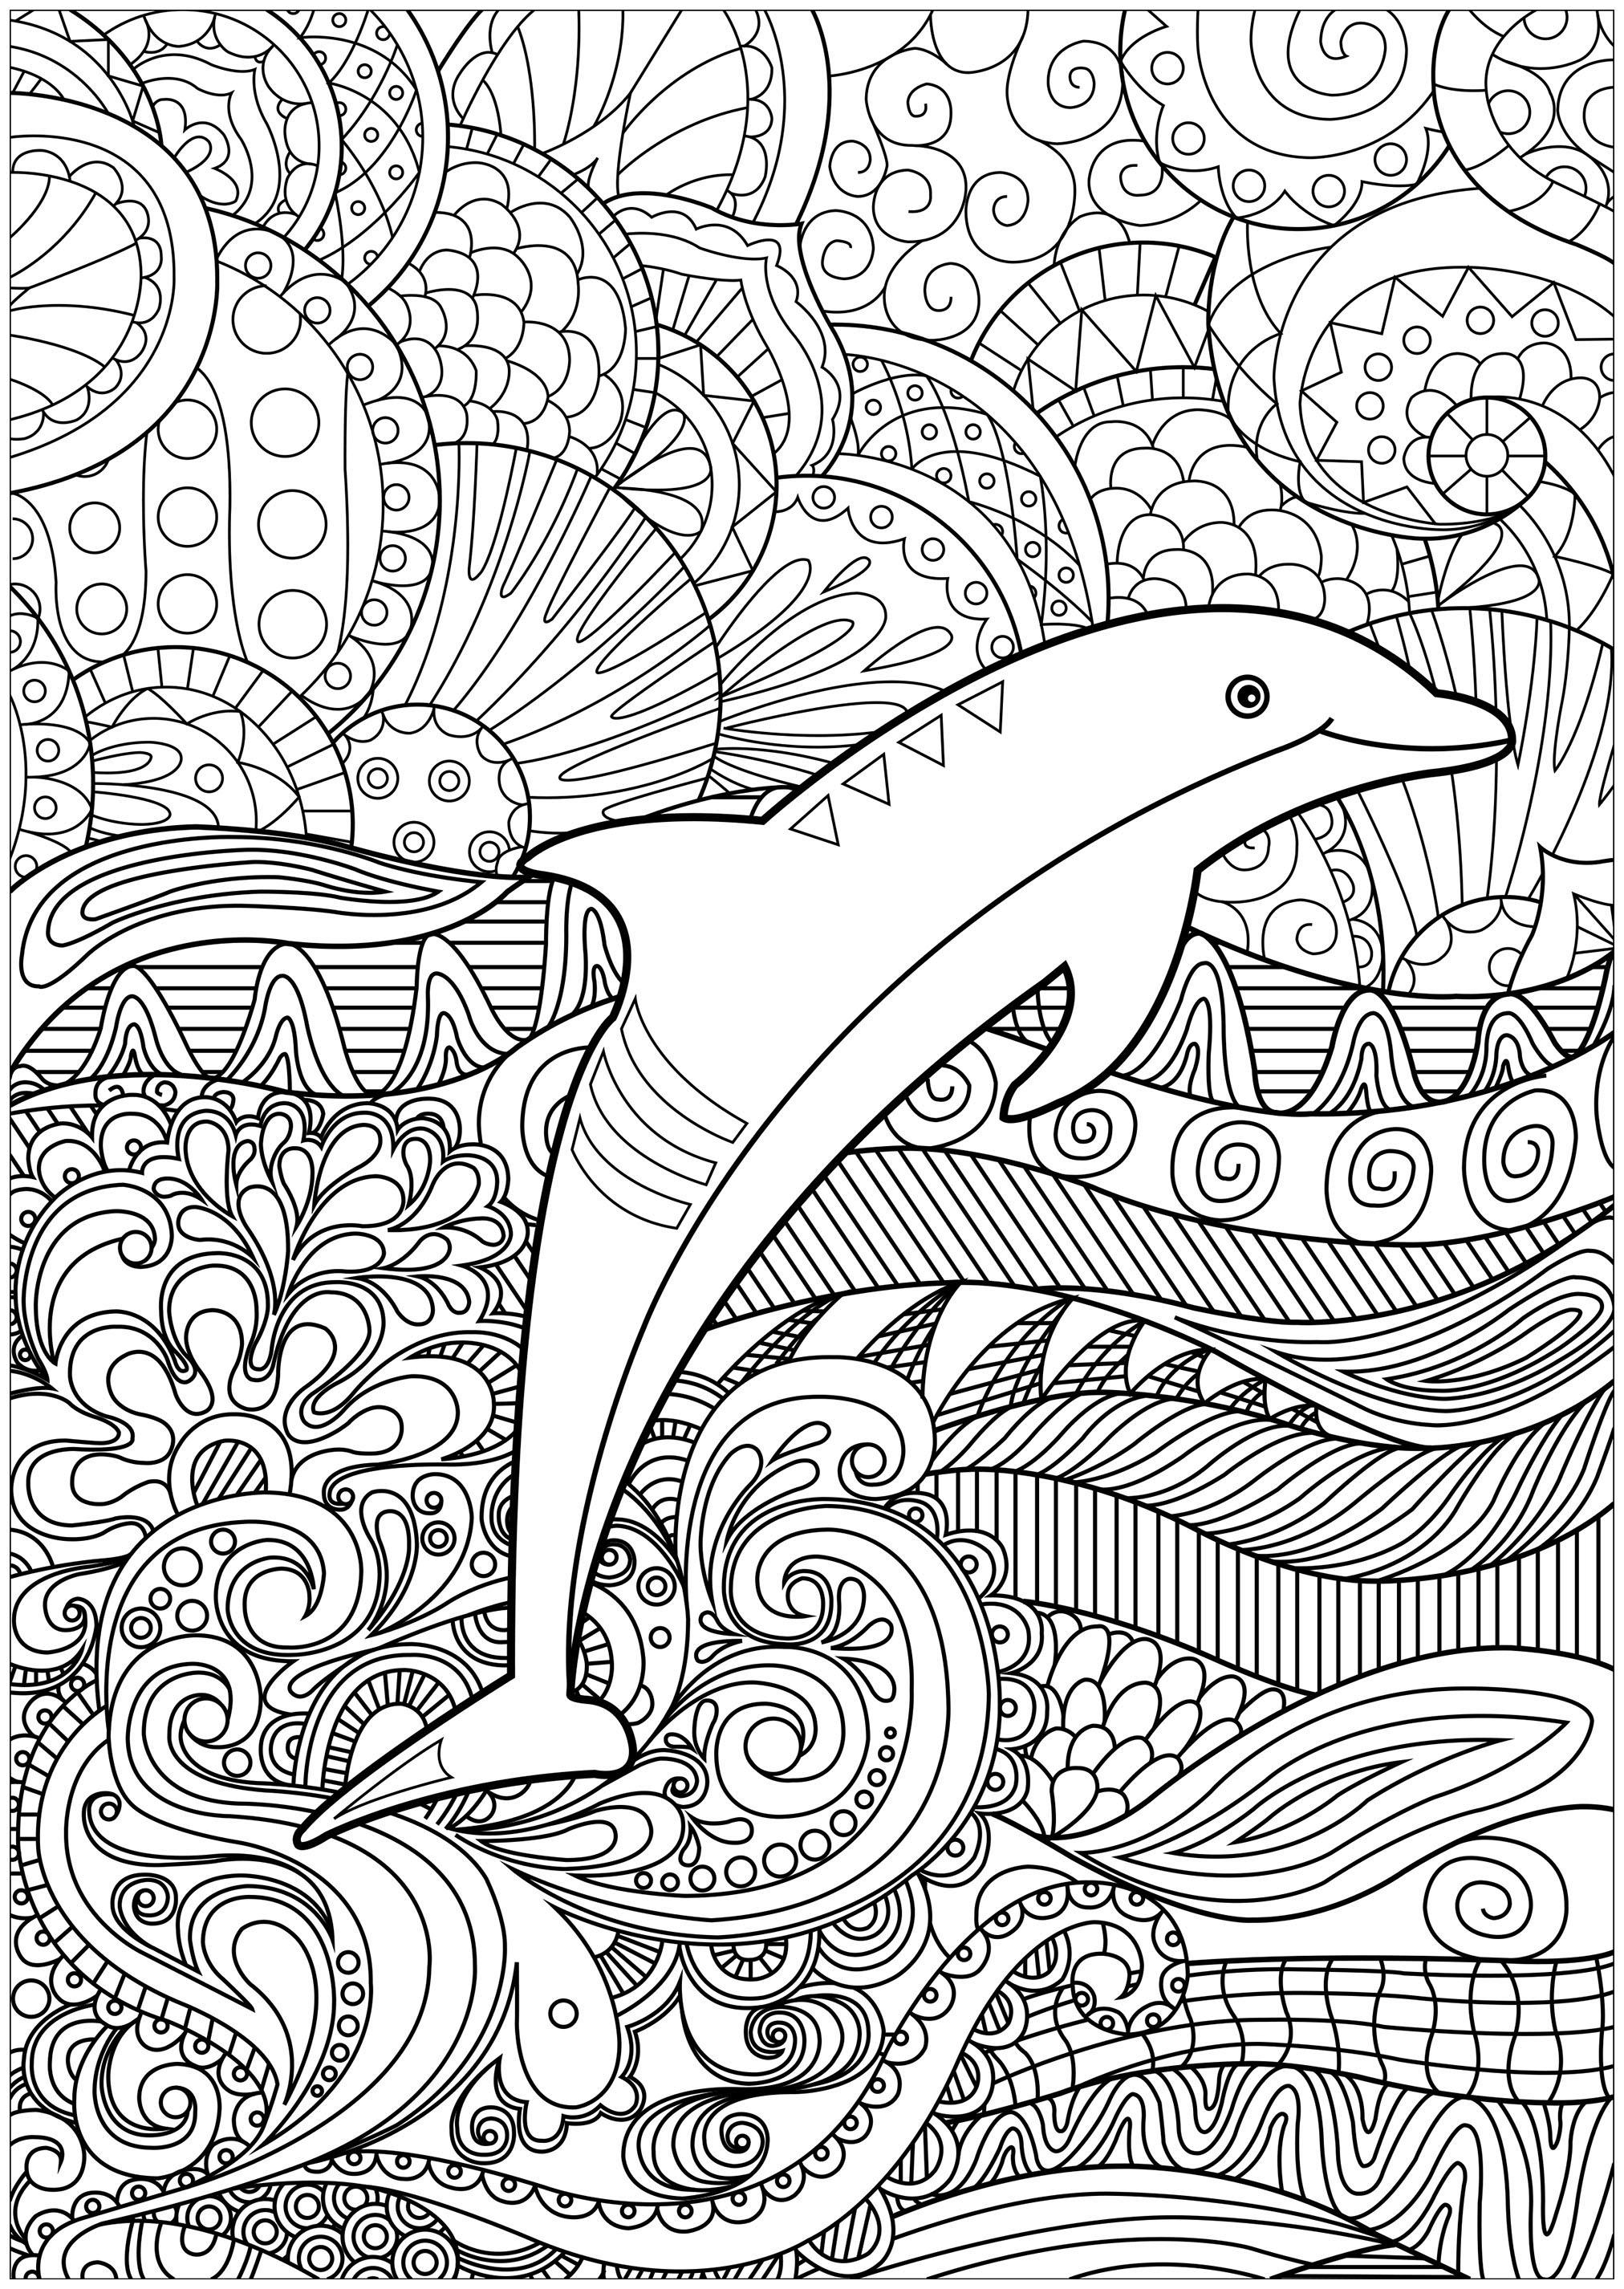 Disegni da Colorare per Adulti : Delfini - 1